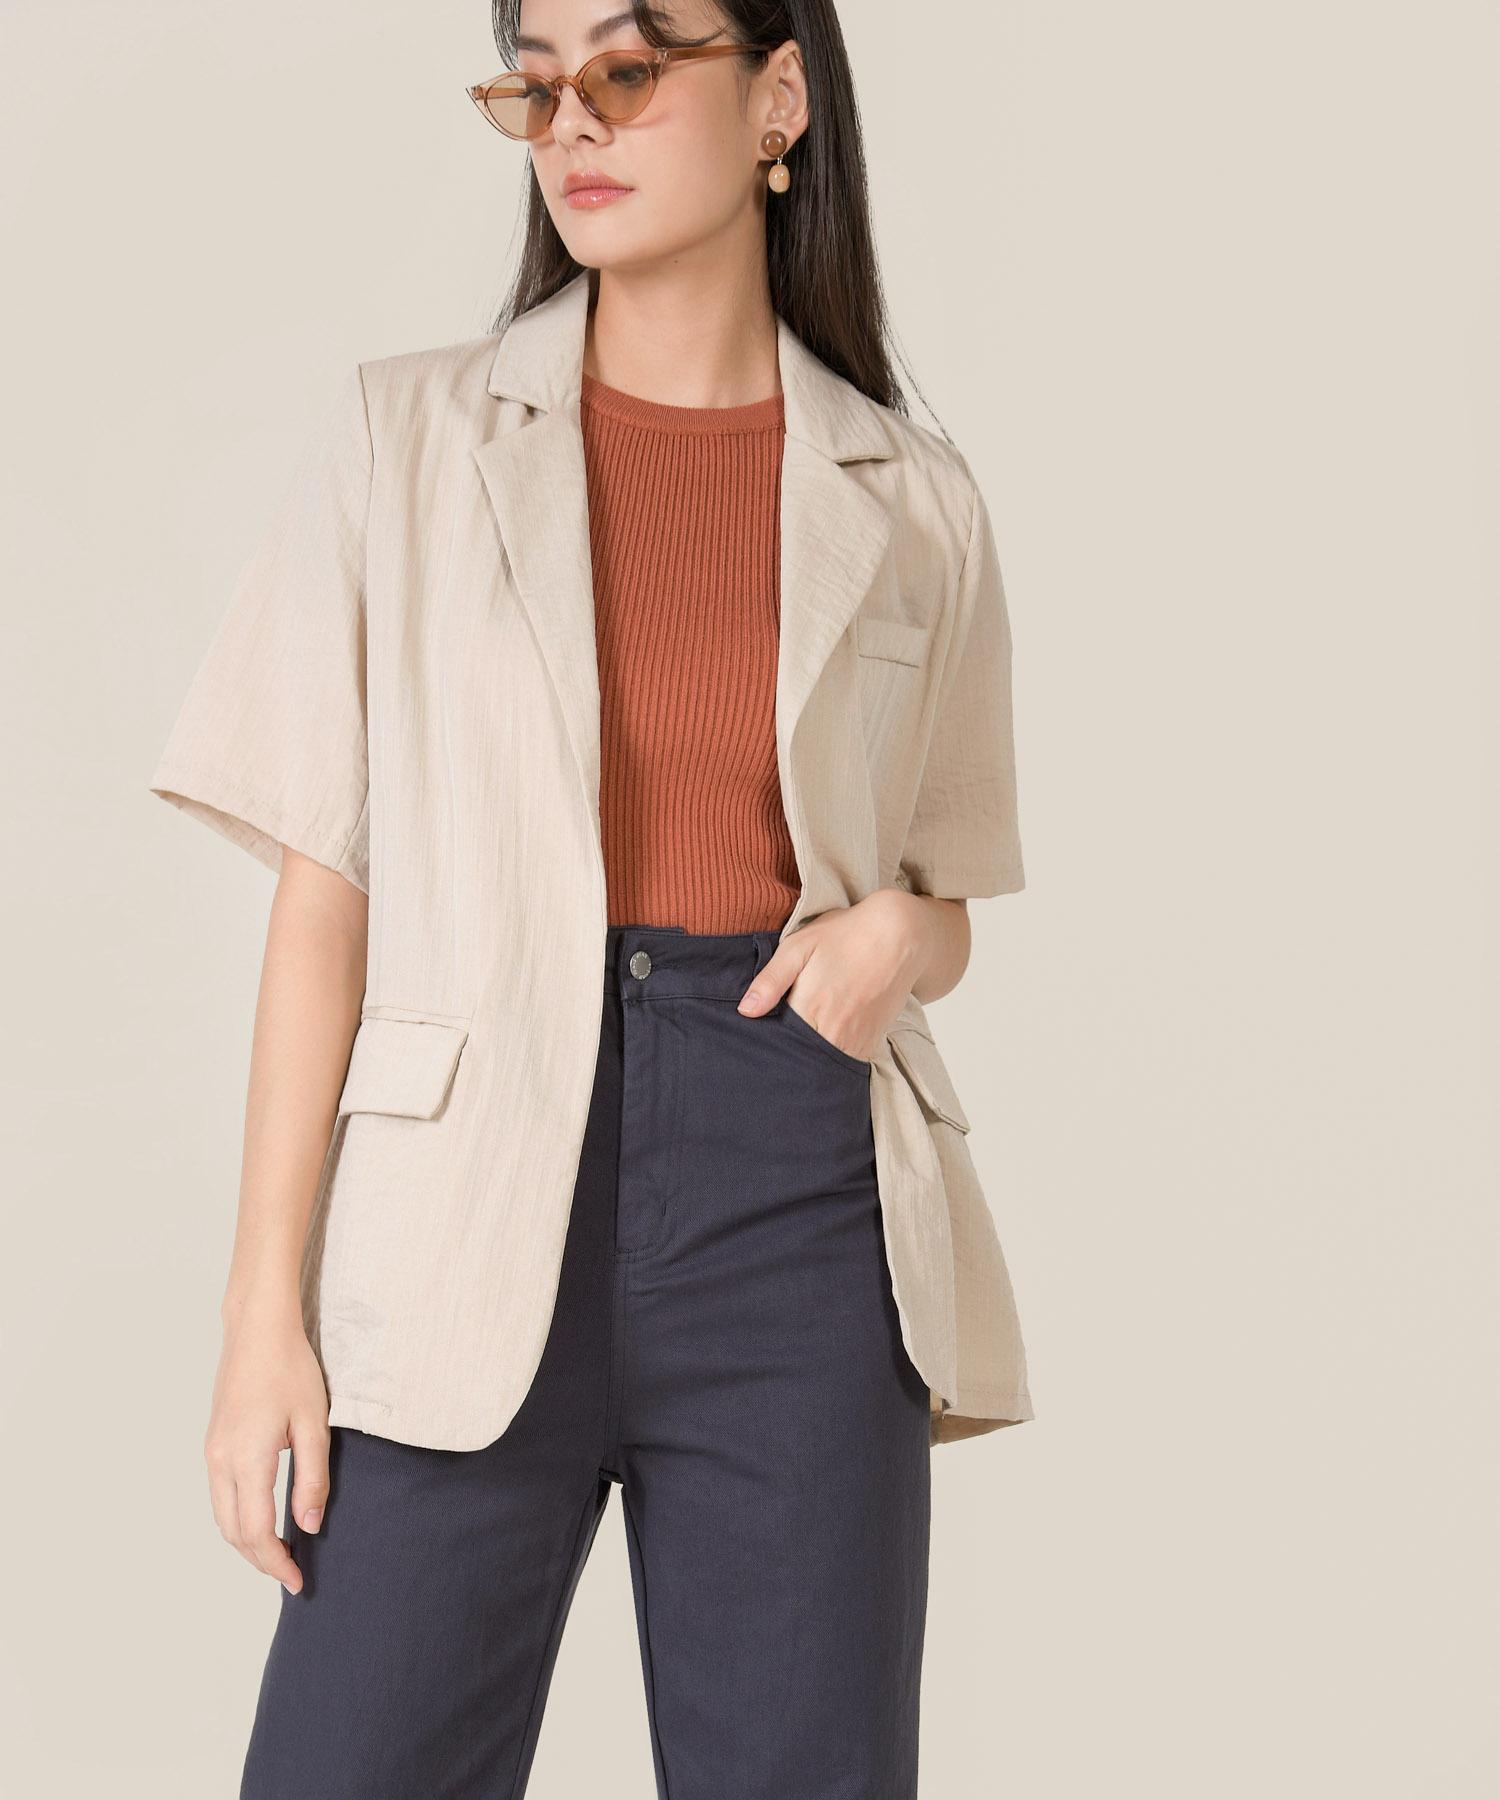 casablanca-linen-belted-jacket-sand-1